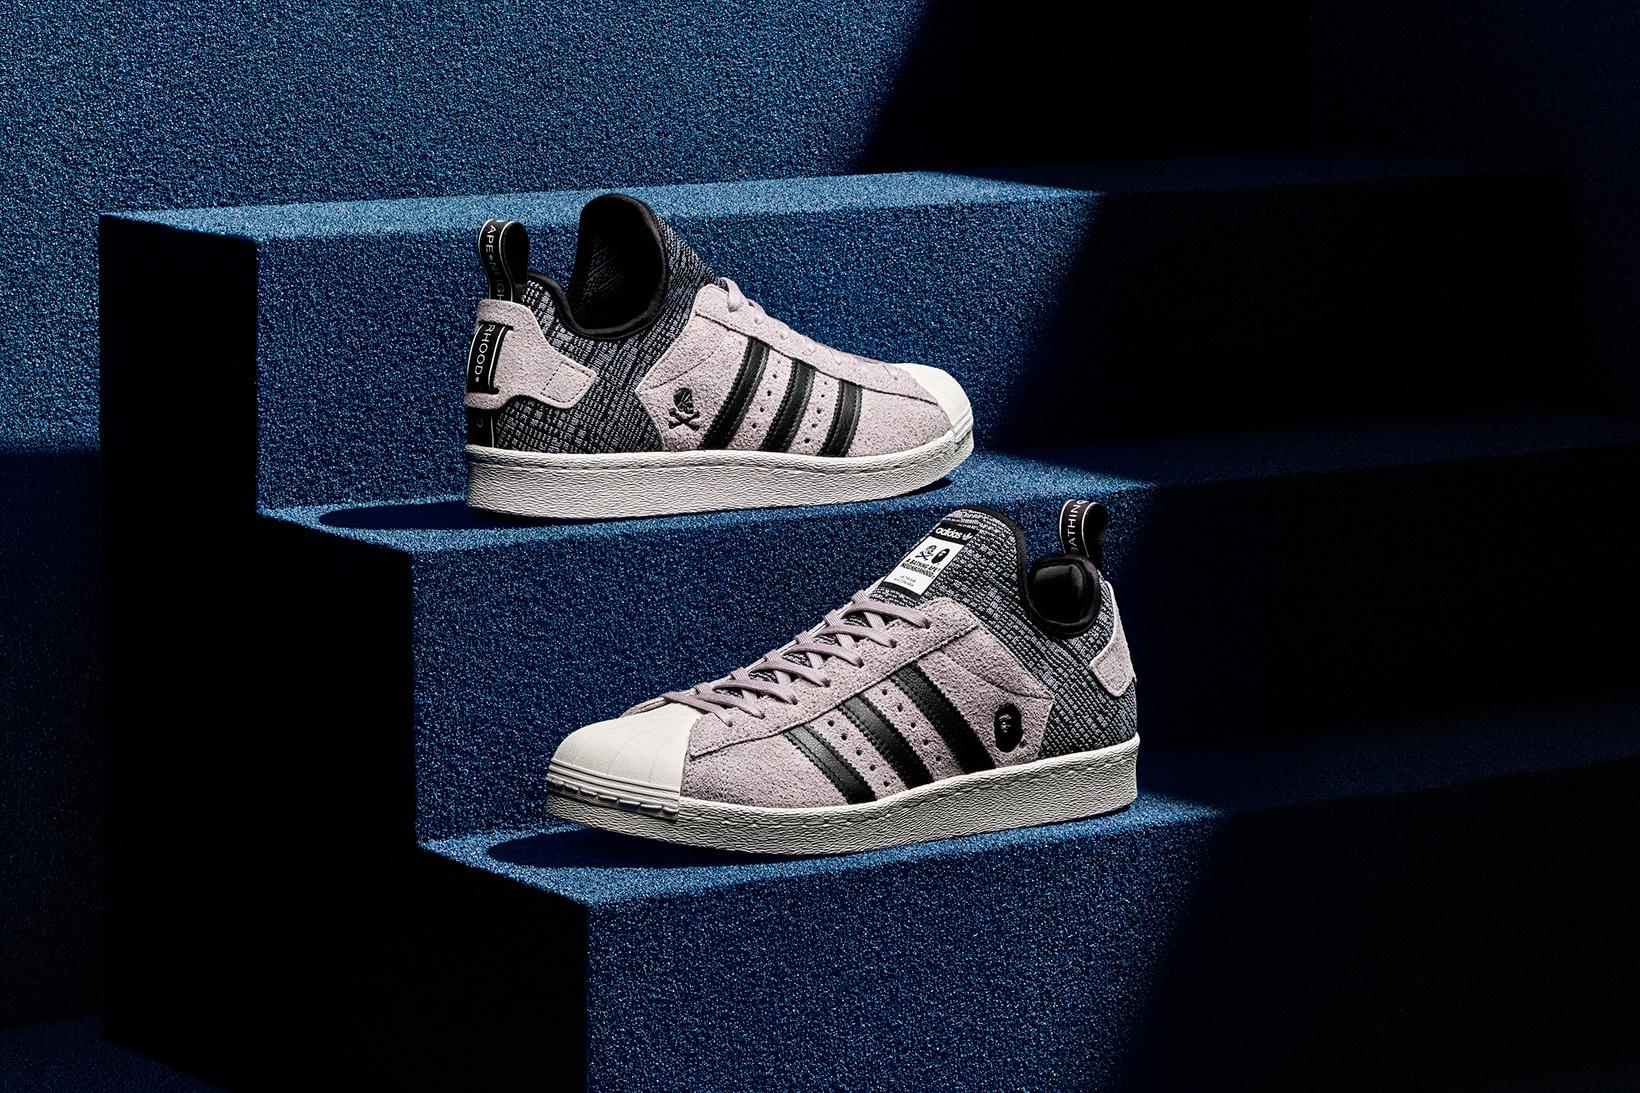 Get Ready For The BAPE x NEIGHBORHOOD x adidas Originals